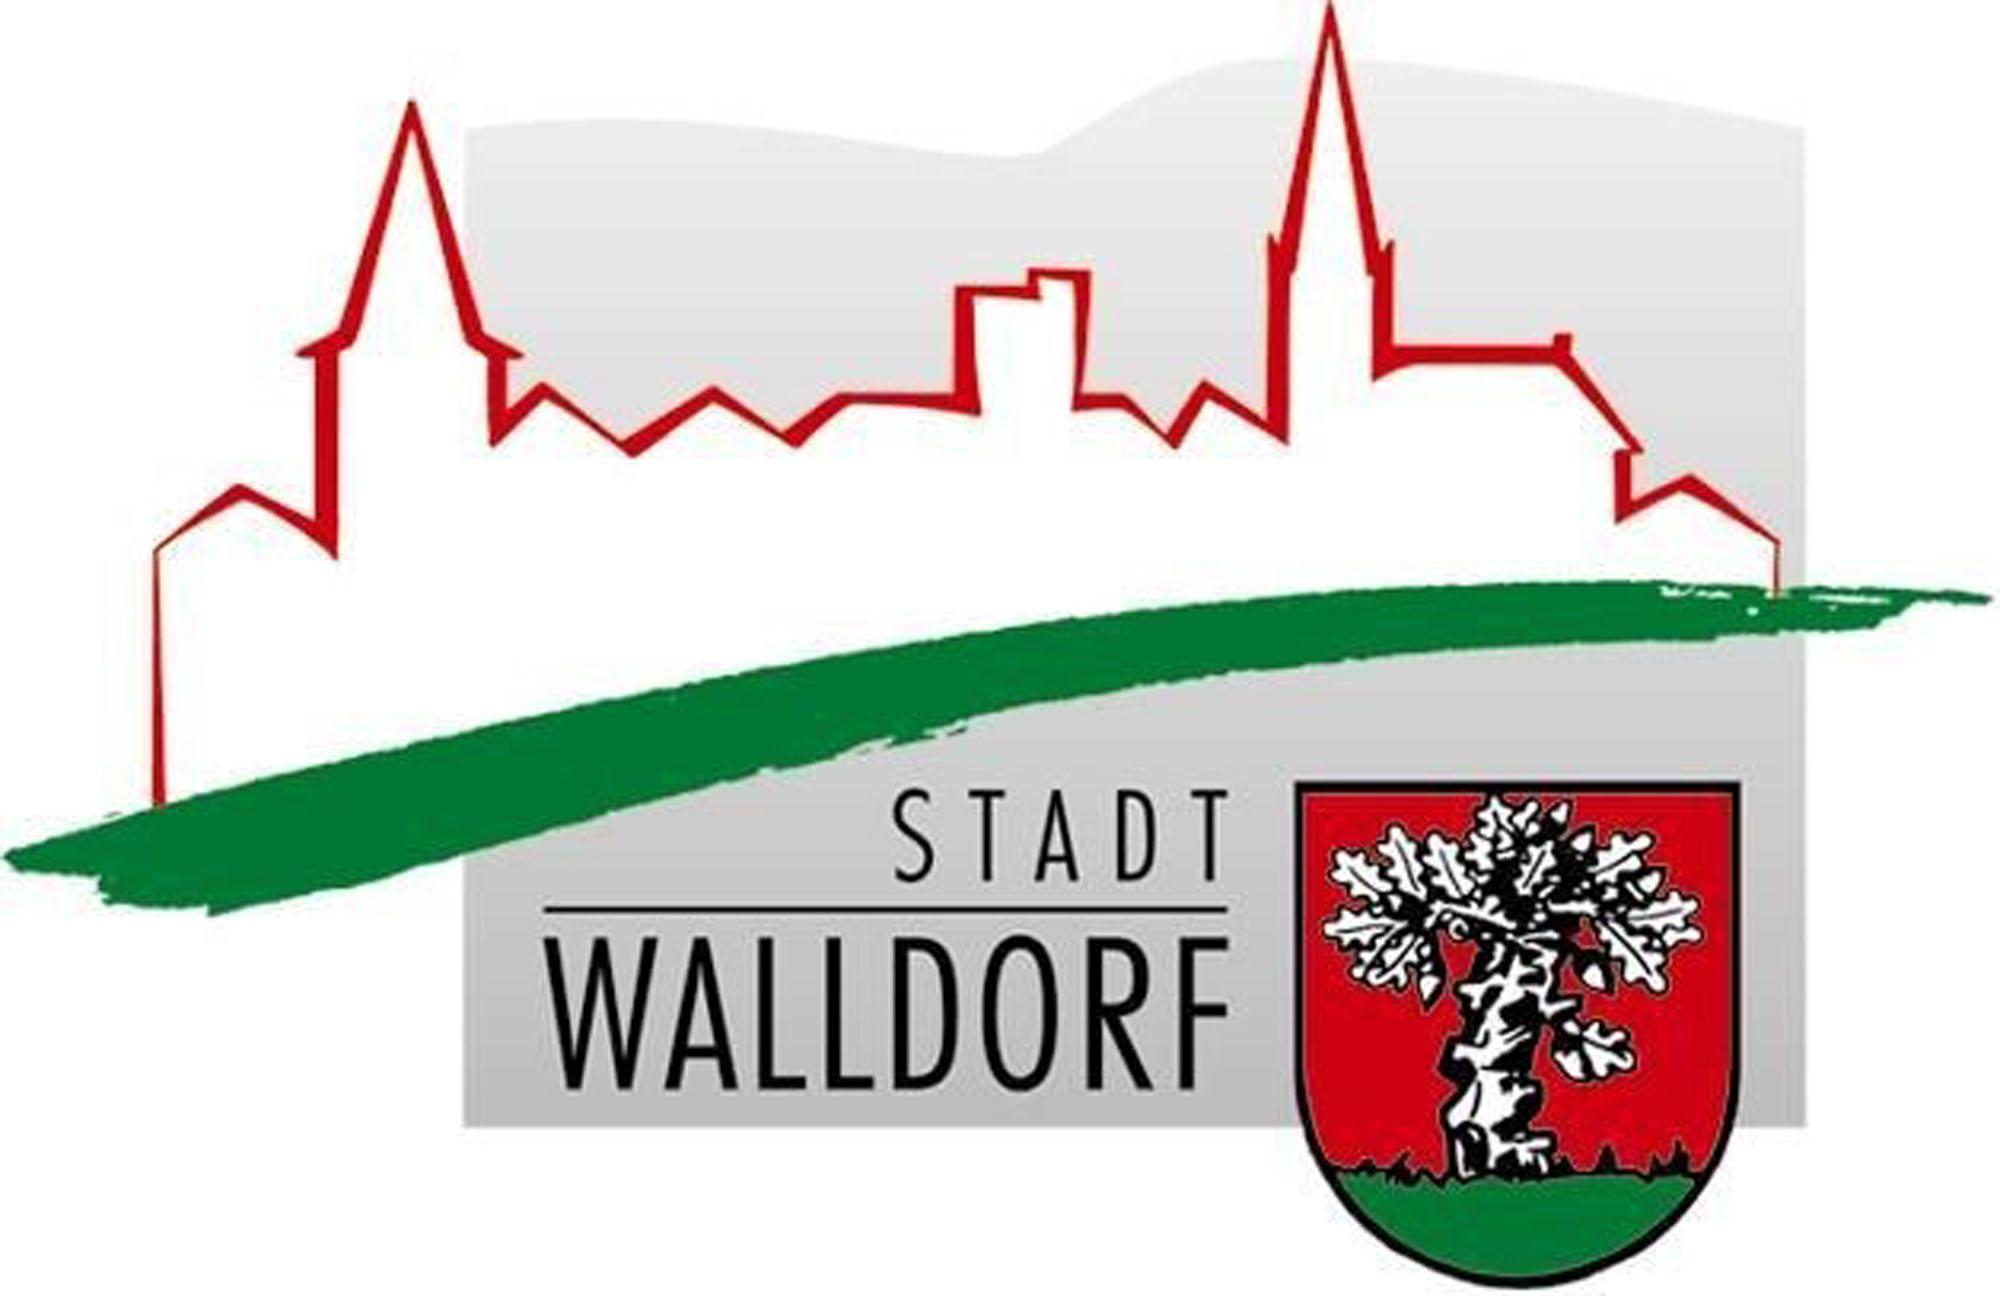 Anpassung an den Klimawandel in Walldorf